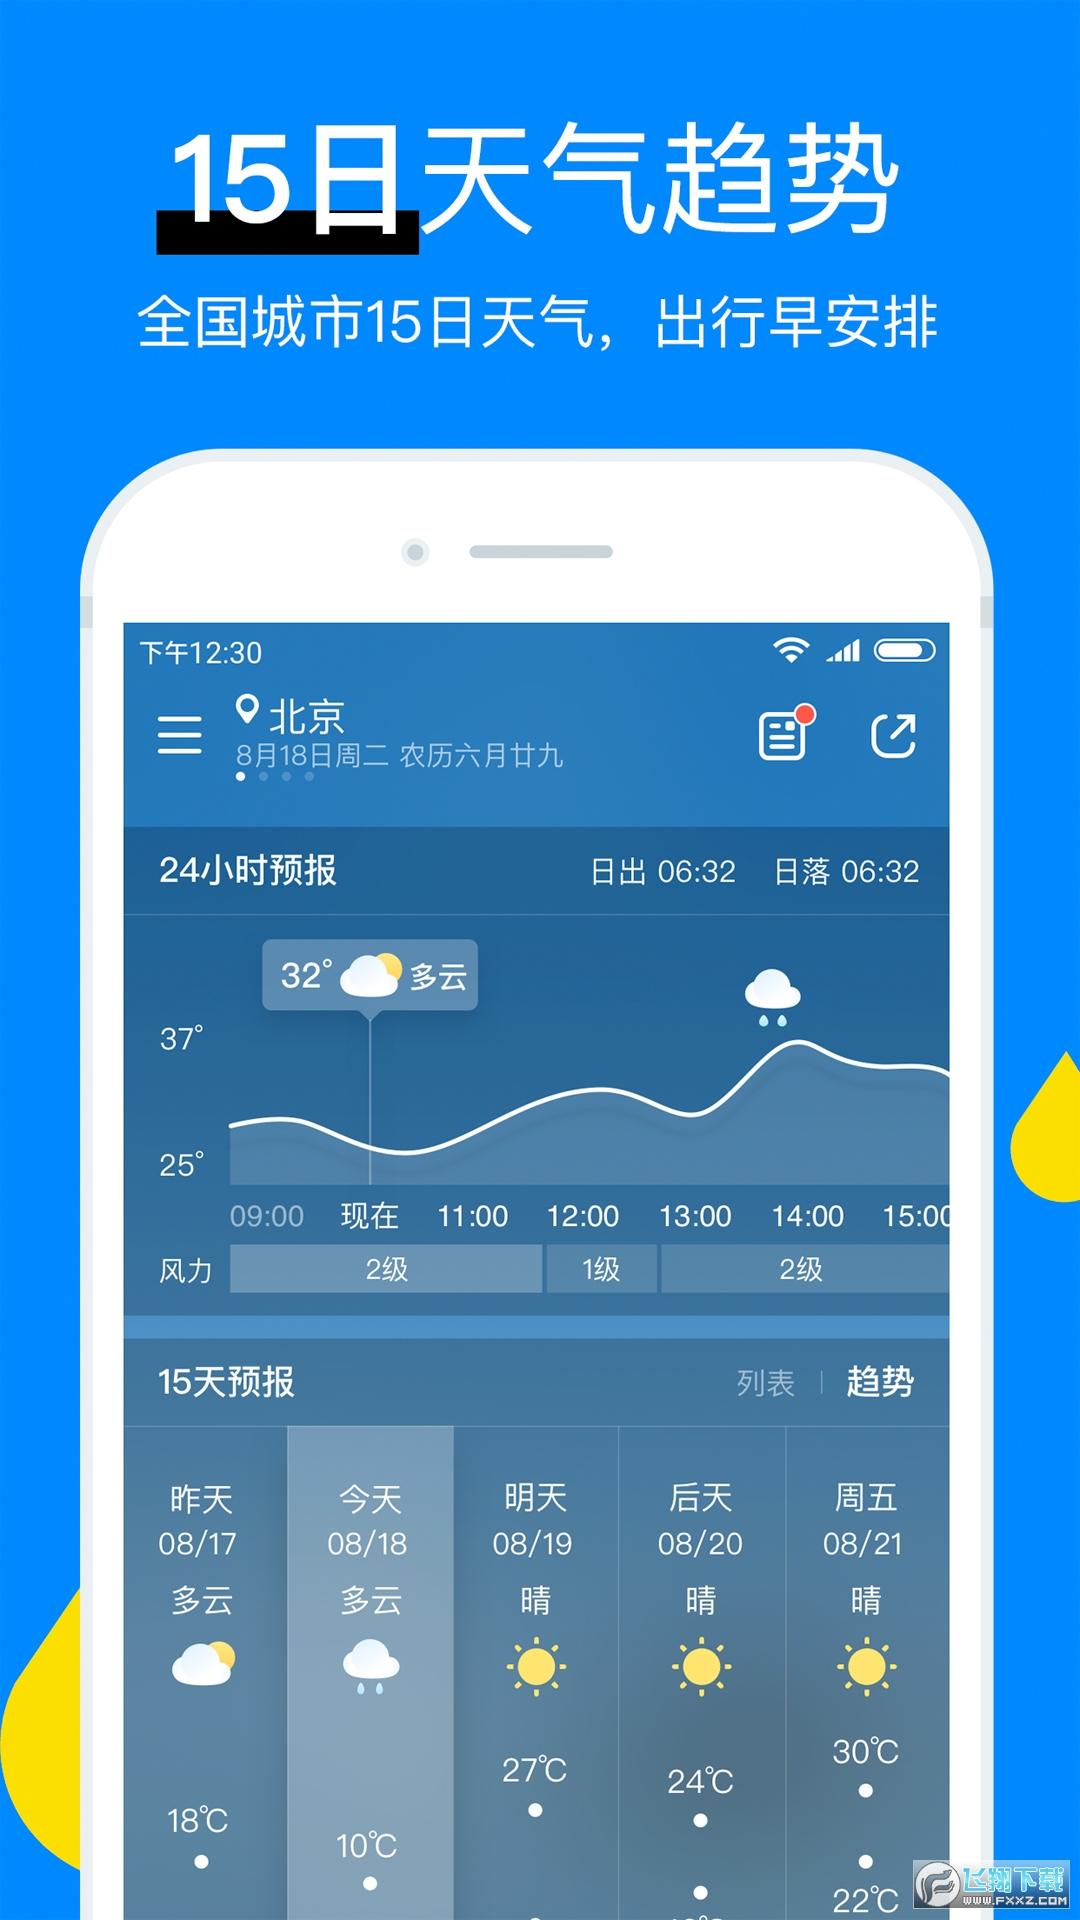 新晴天气极速版红包版赚钱appv1.1.4提现版截图1